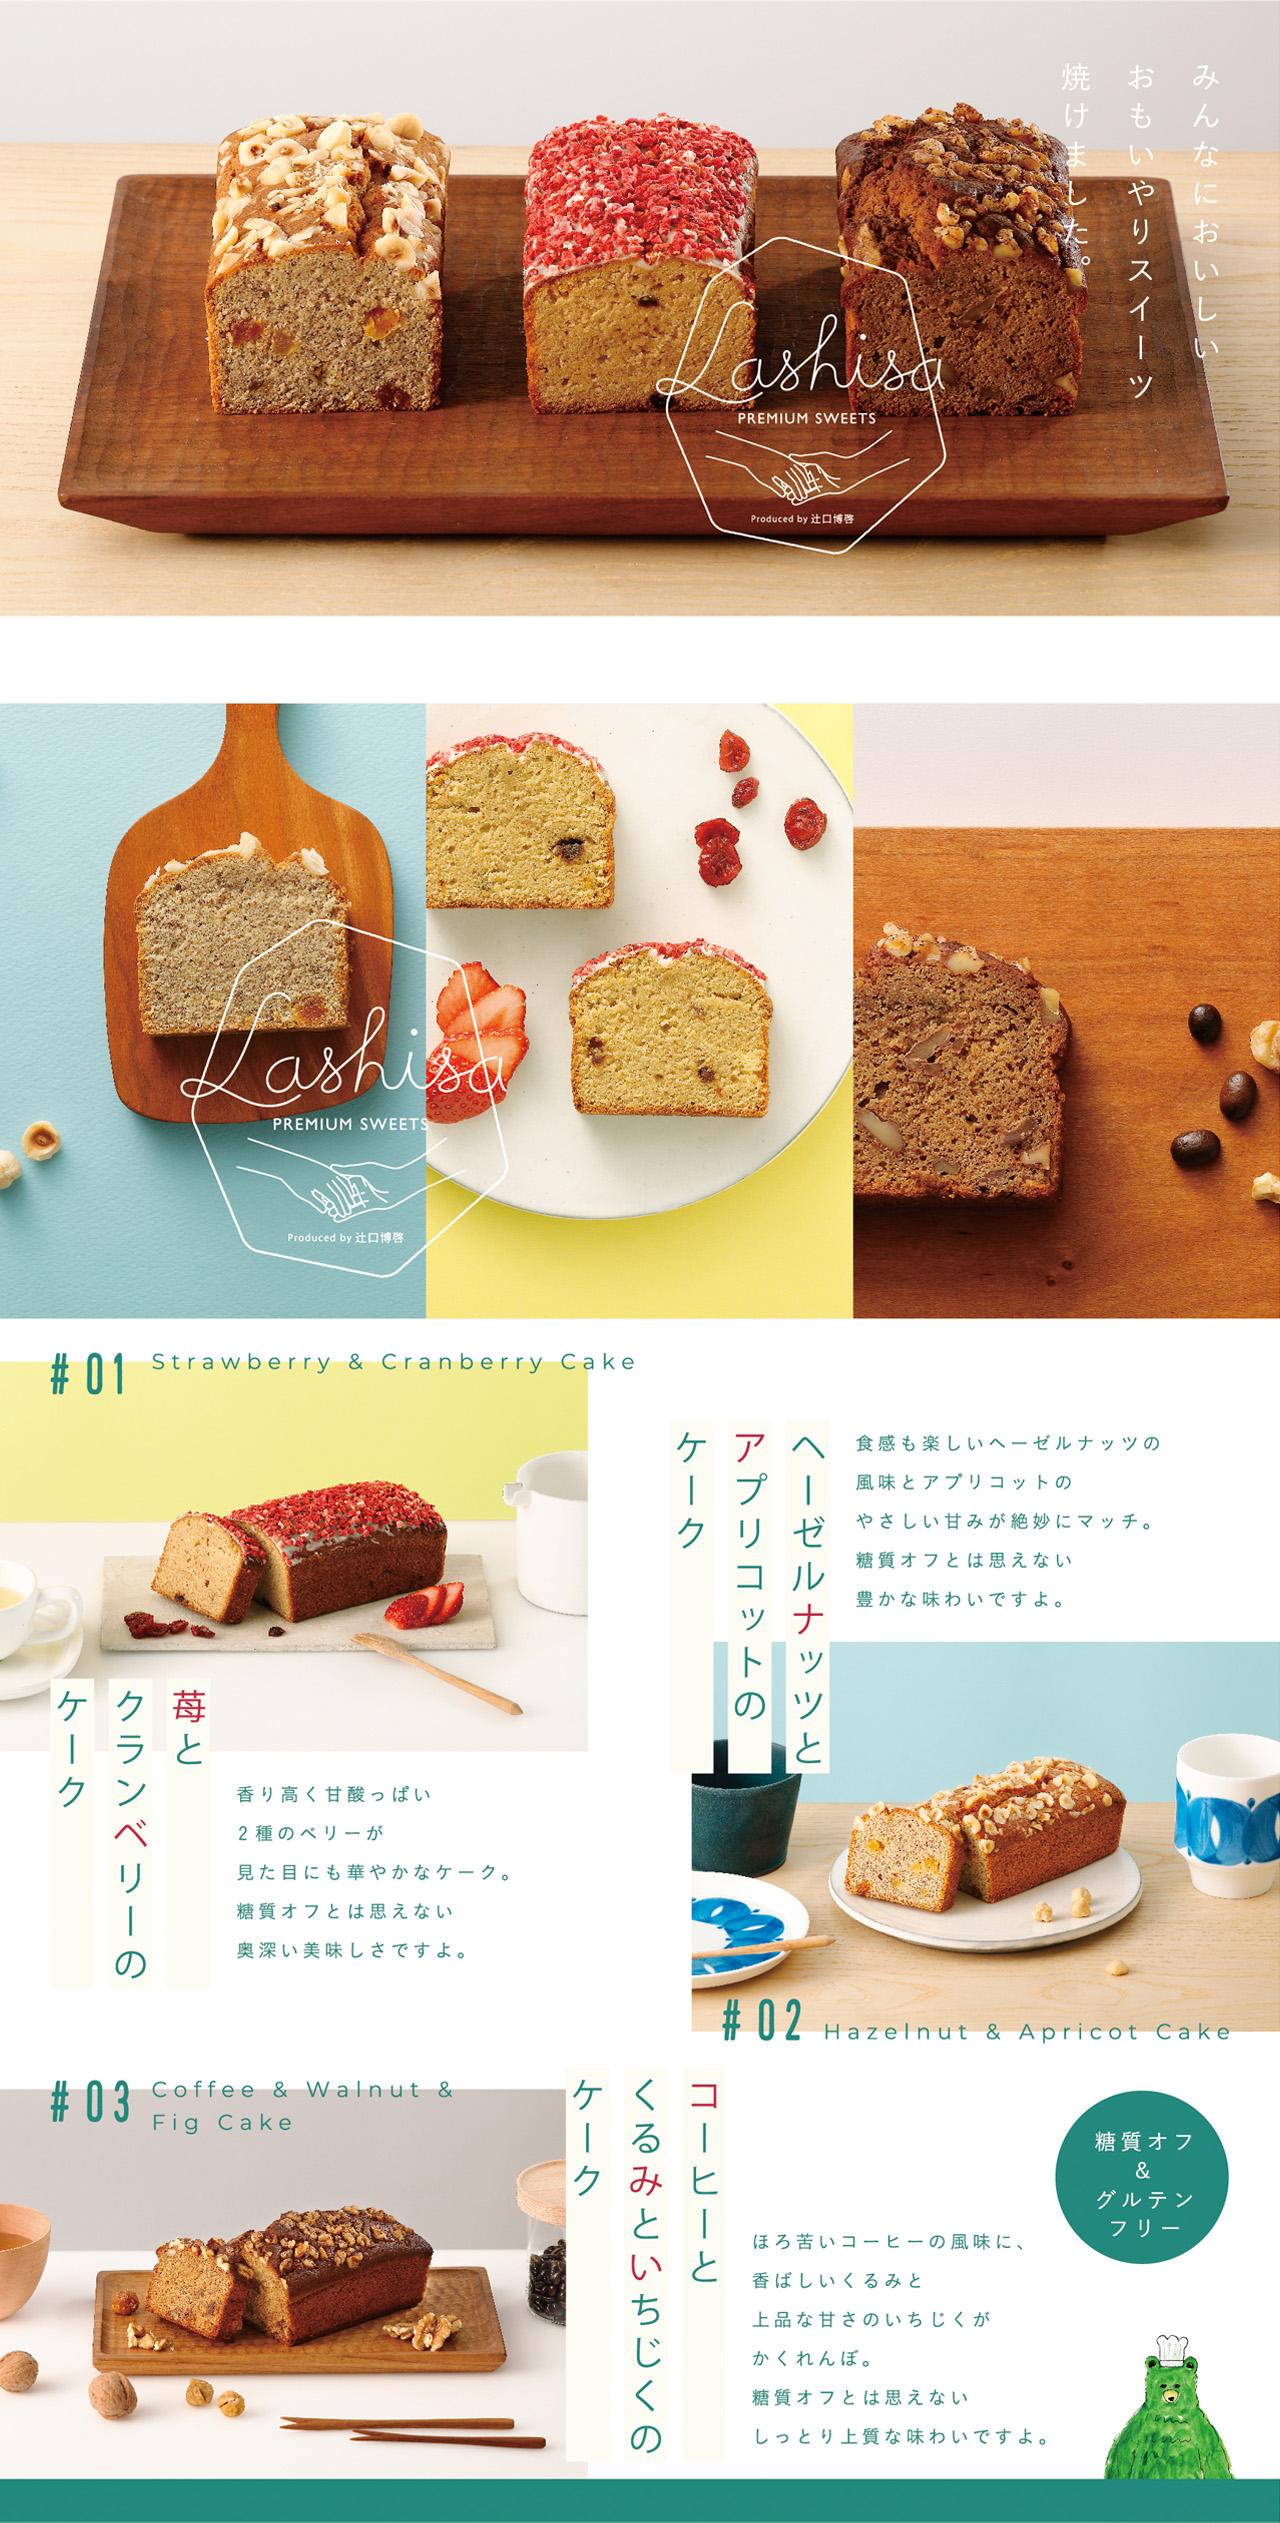 03_lashisa_leaflet